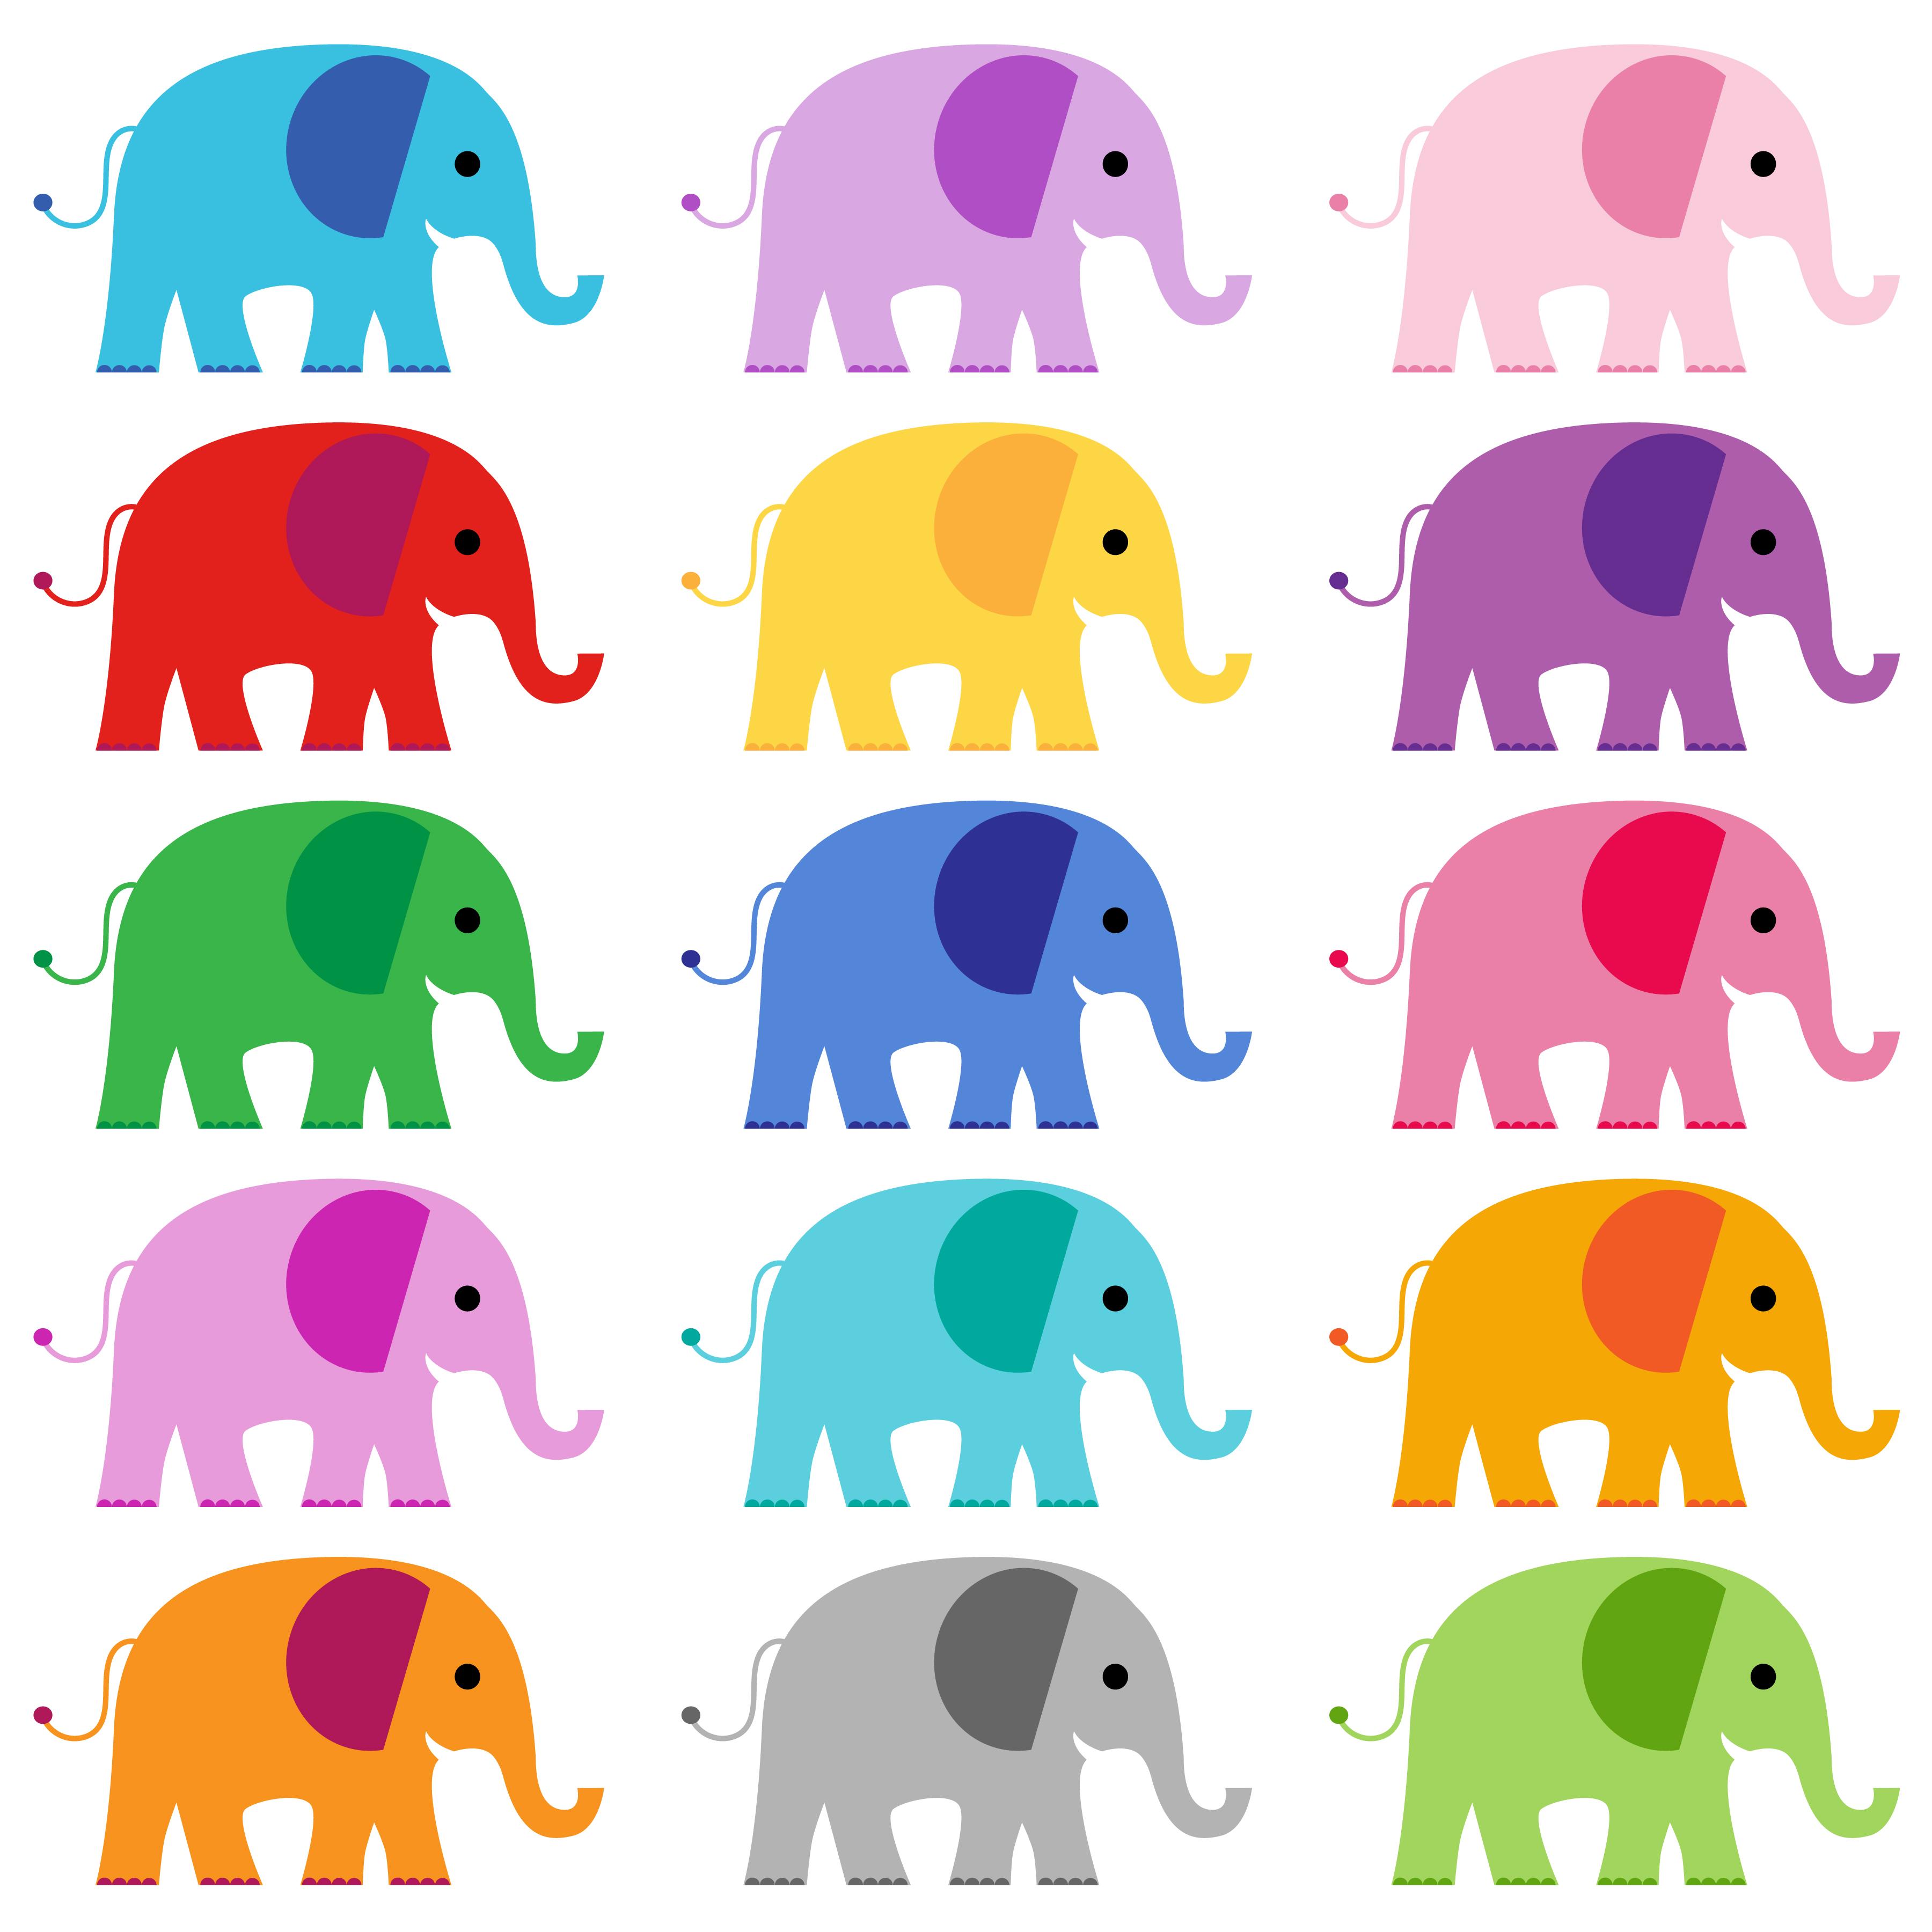 elephant clipart graphics - Download Free Vectors, Clipart ...